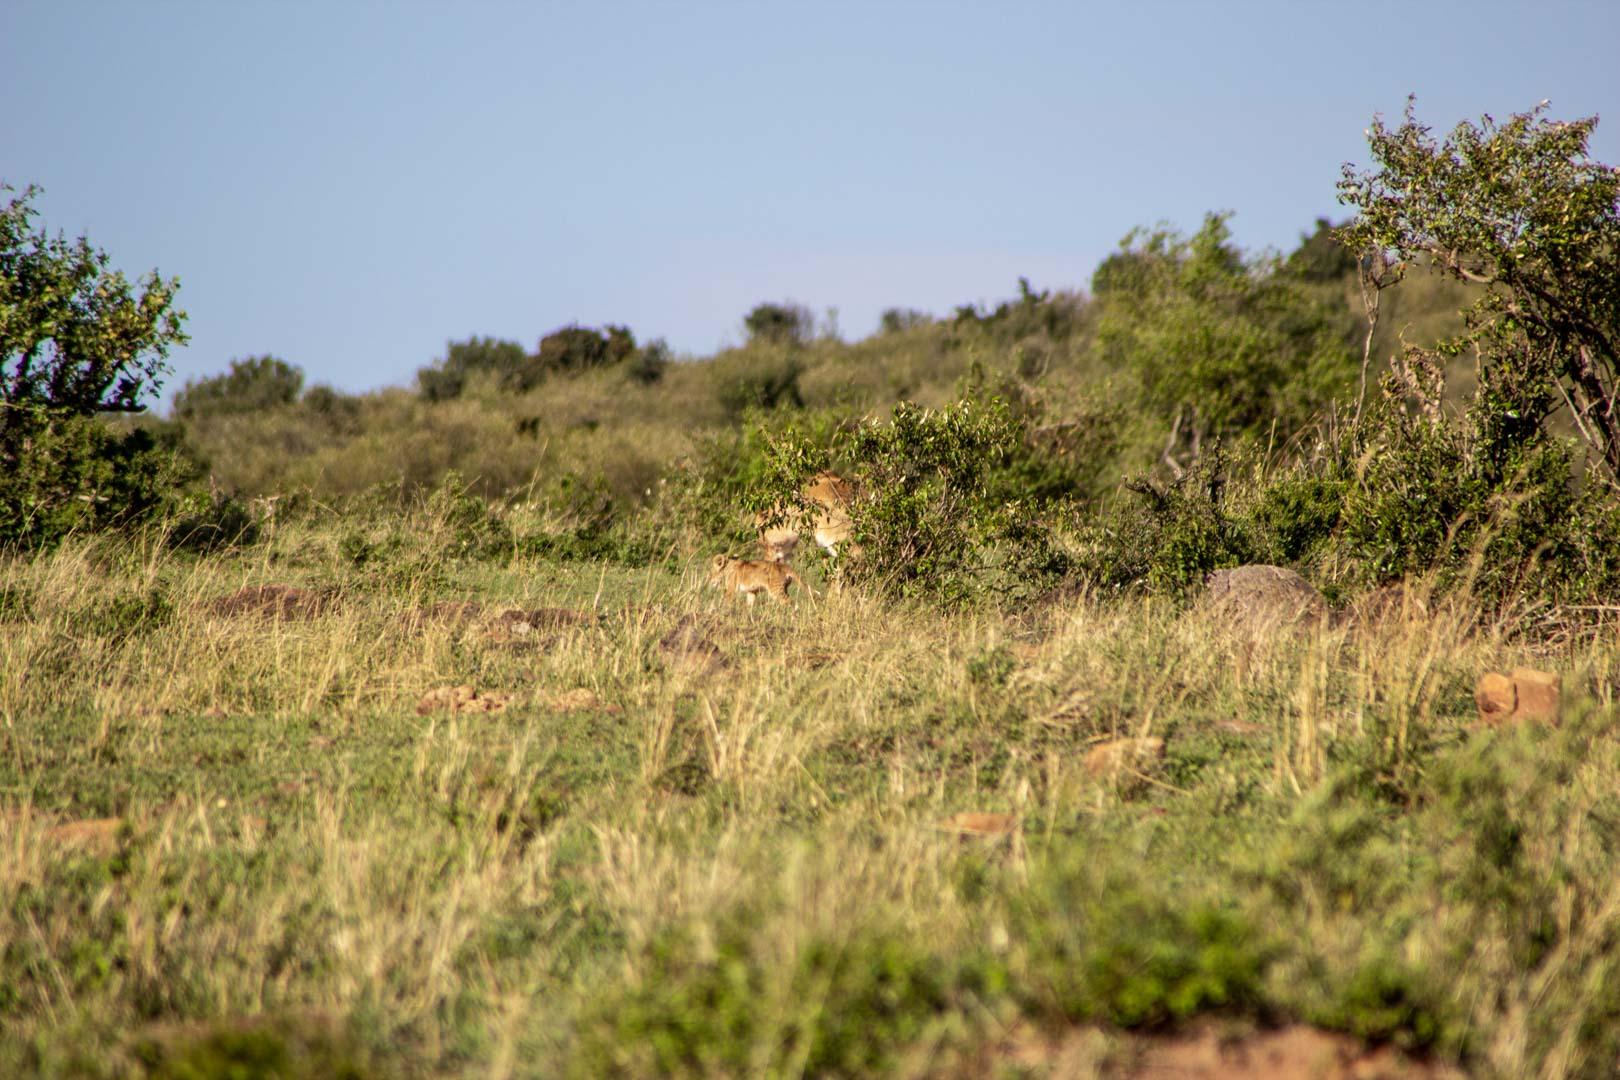 Leona con su león bebé, Masai Mara, Kenia